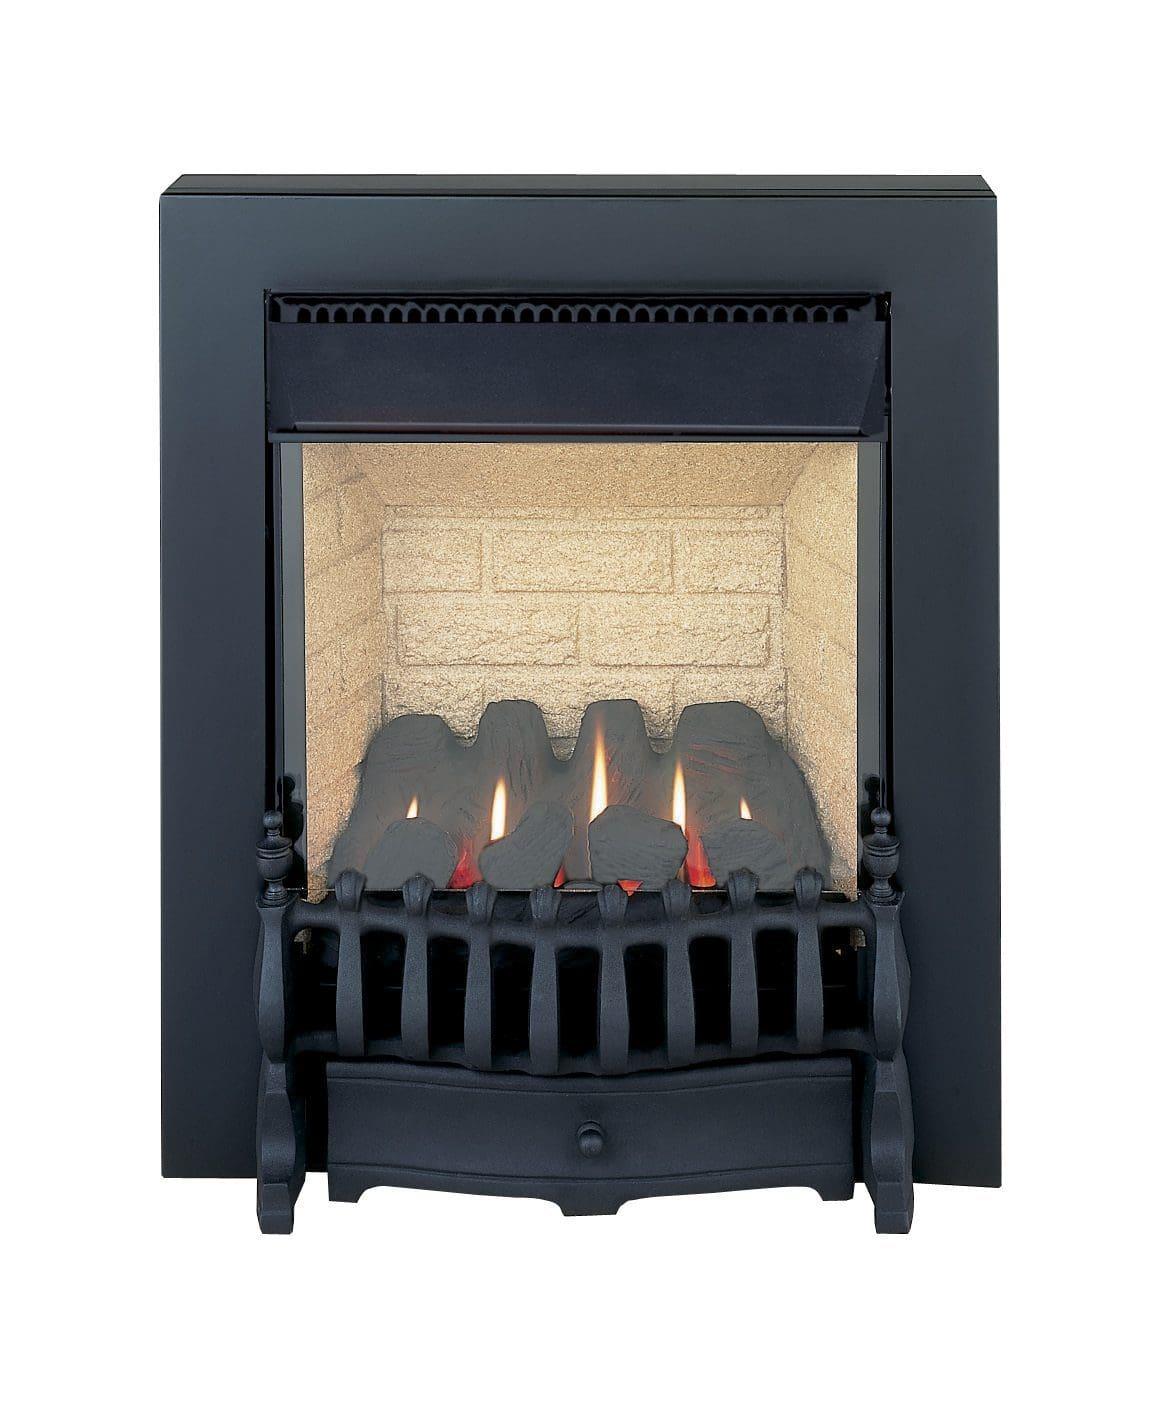 Burley Environ flueless Inset gas fire